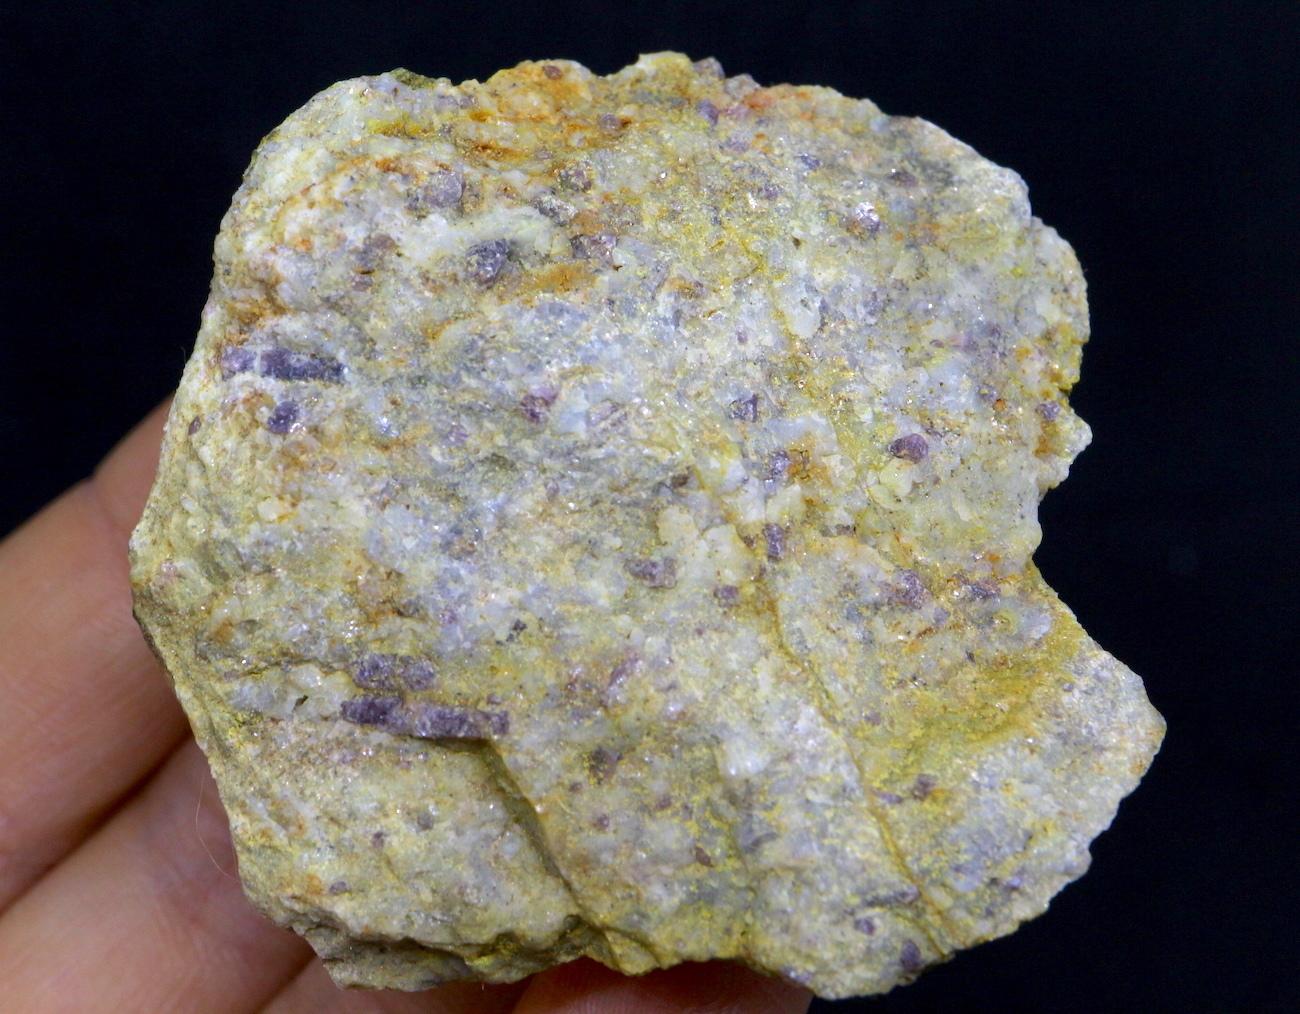 カリフォルア産 コランダム ルビー サファイア 原石 自主採掘 62g RB010